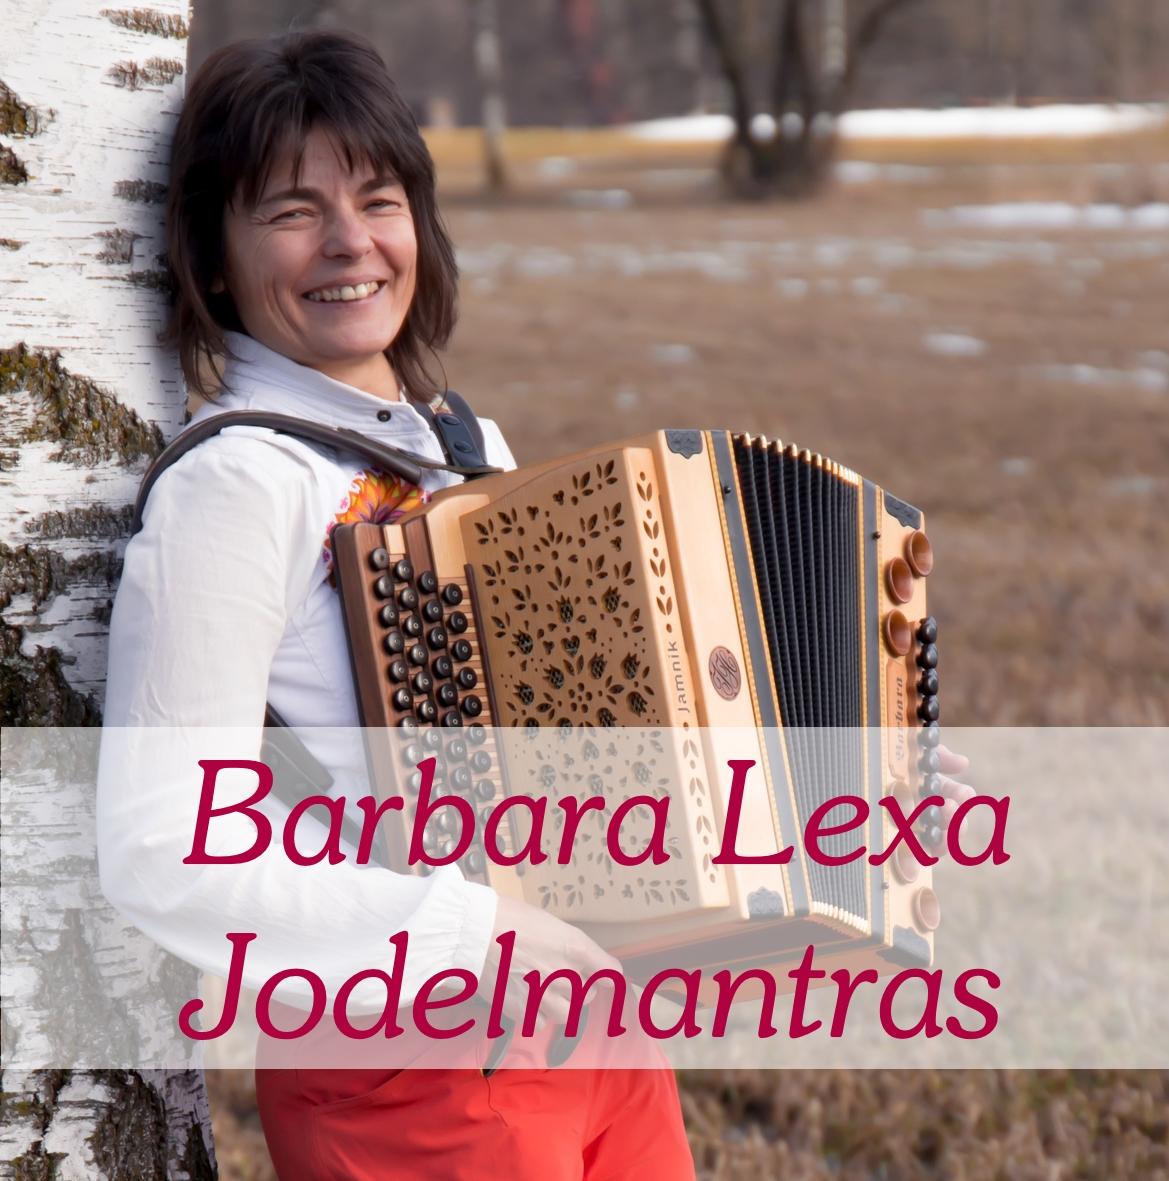 Barbara Lexa mit Jodlern und Jodelmantras